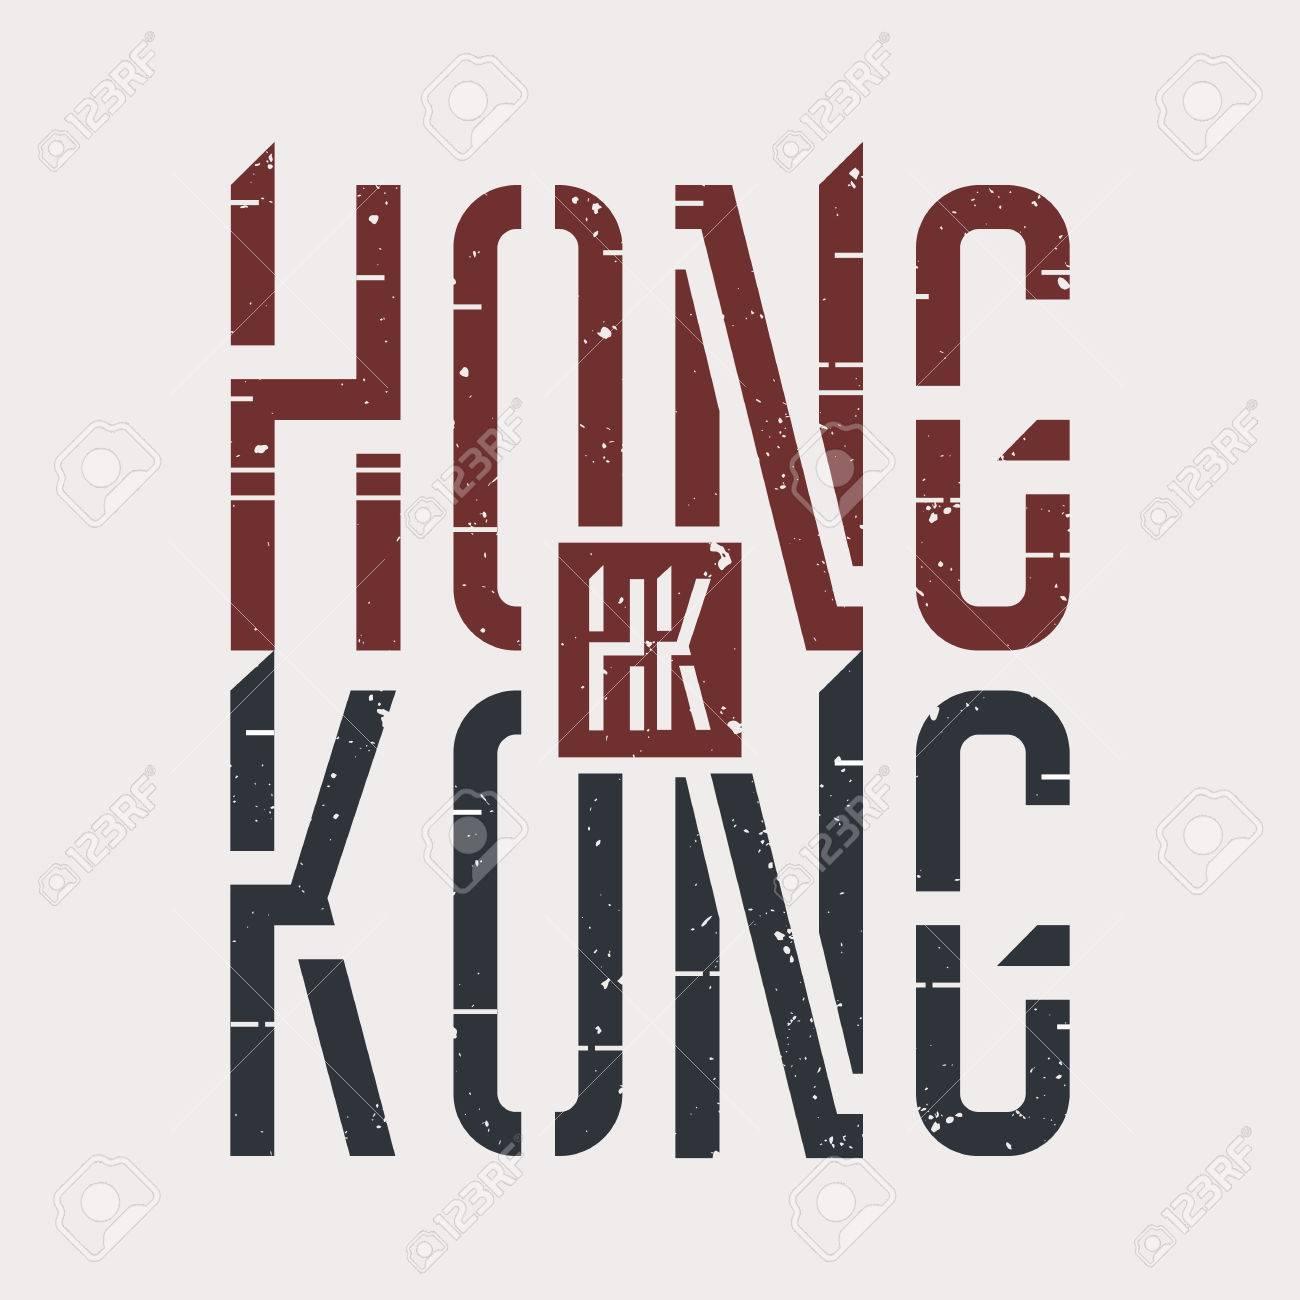 T shirt design hong kong - Hong Kong Typography Vector Print On T Shirt Stock Vector 40442555